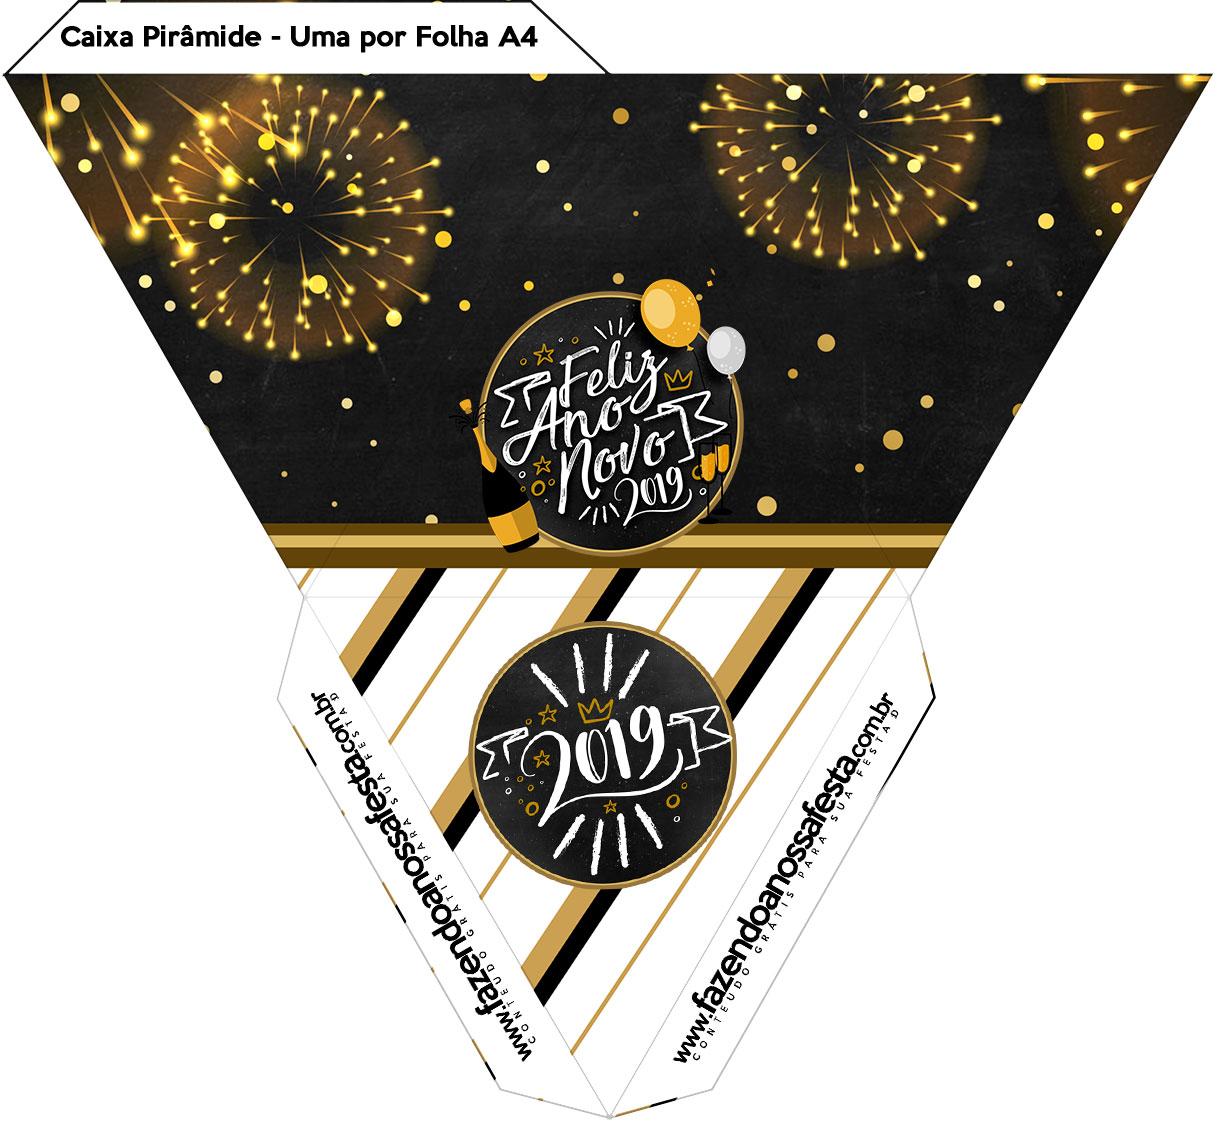 Caixa Piramide Ano Novo 2019